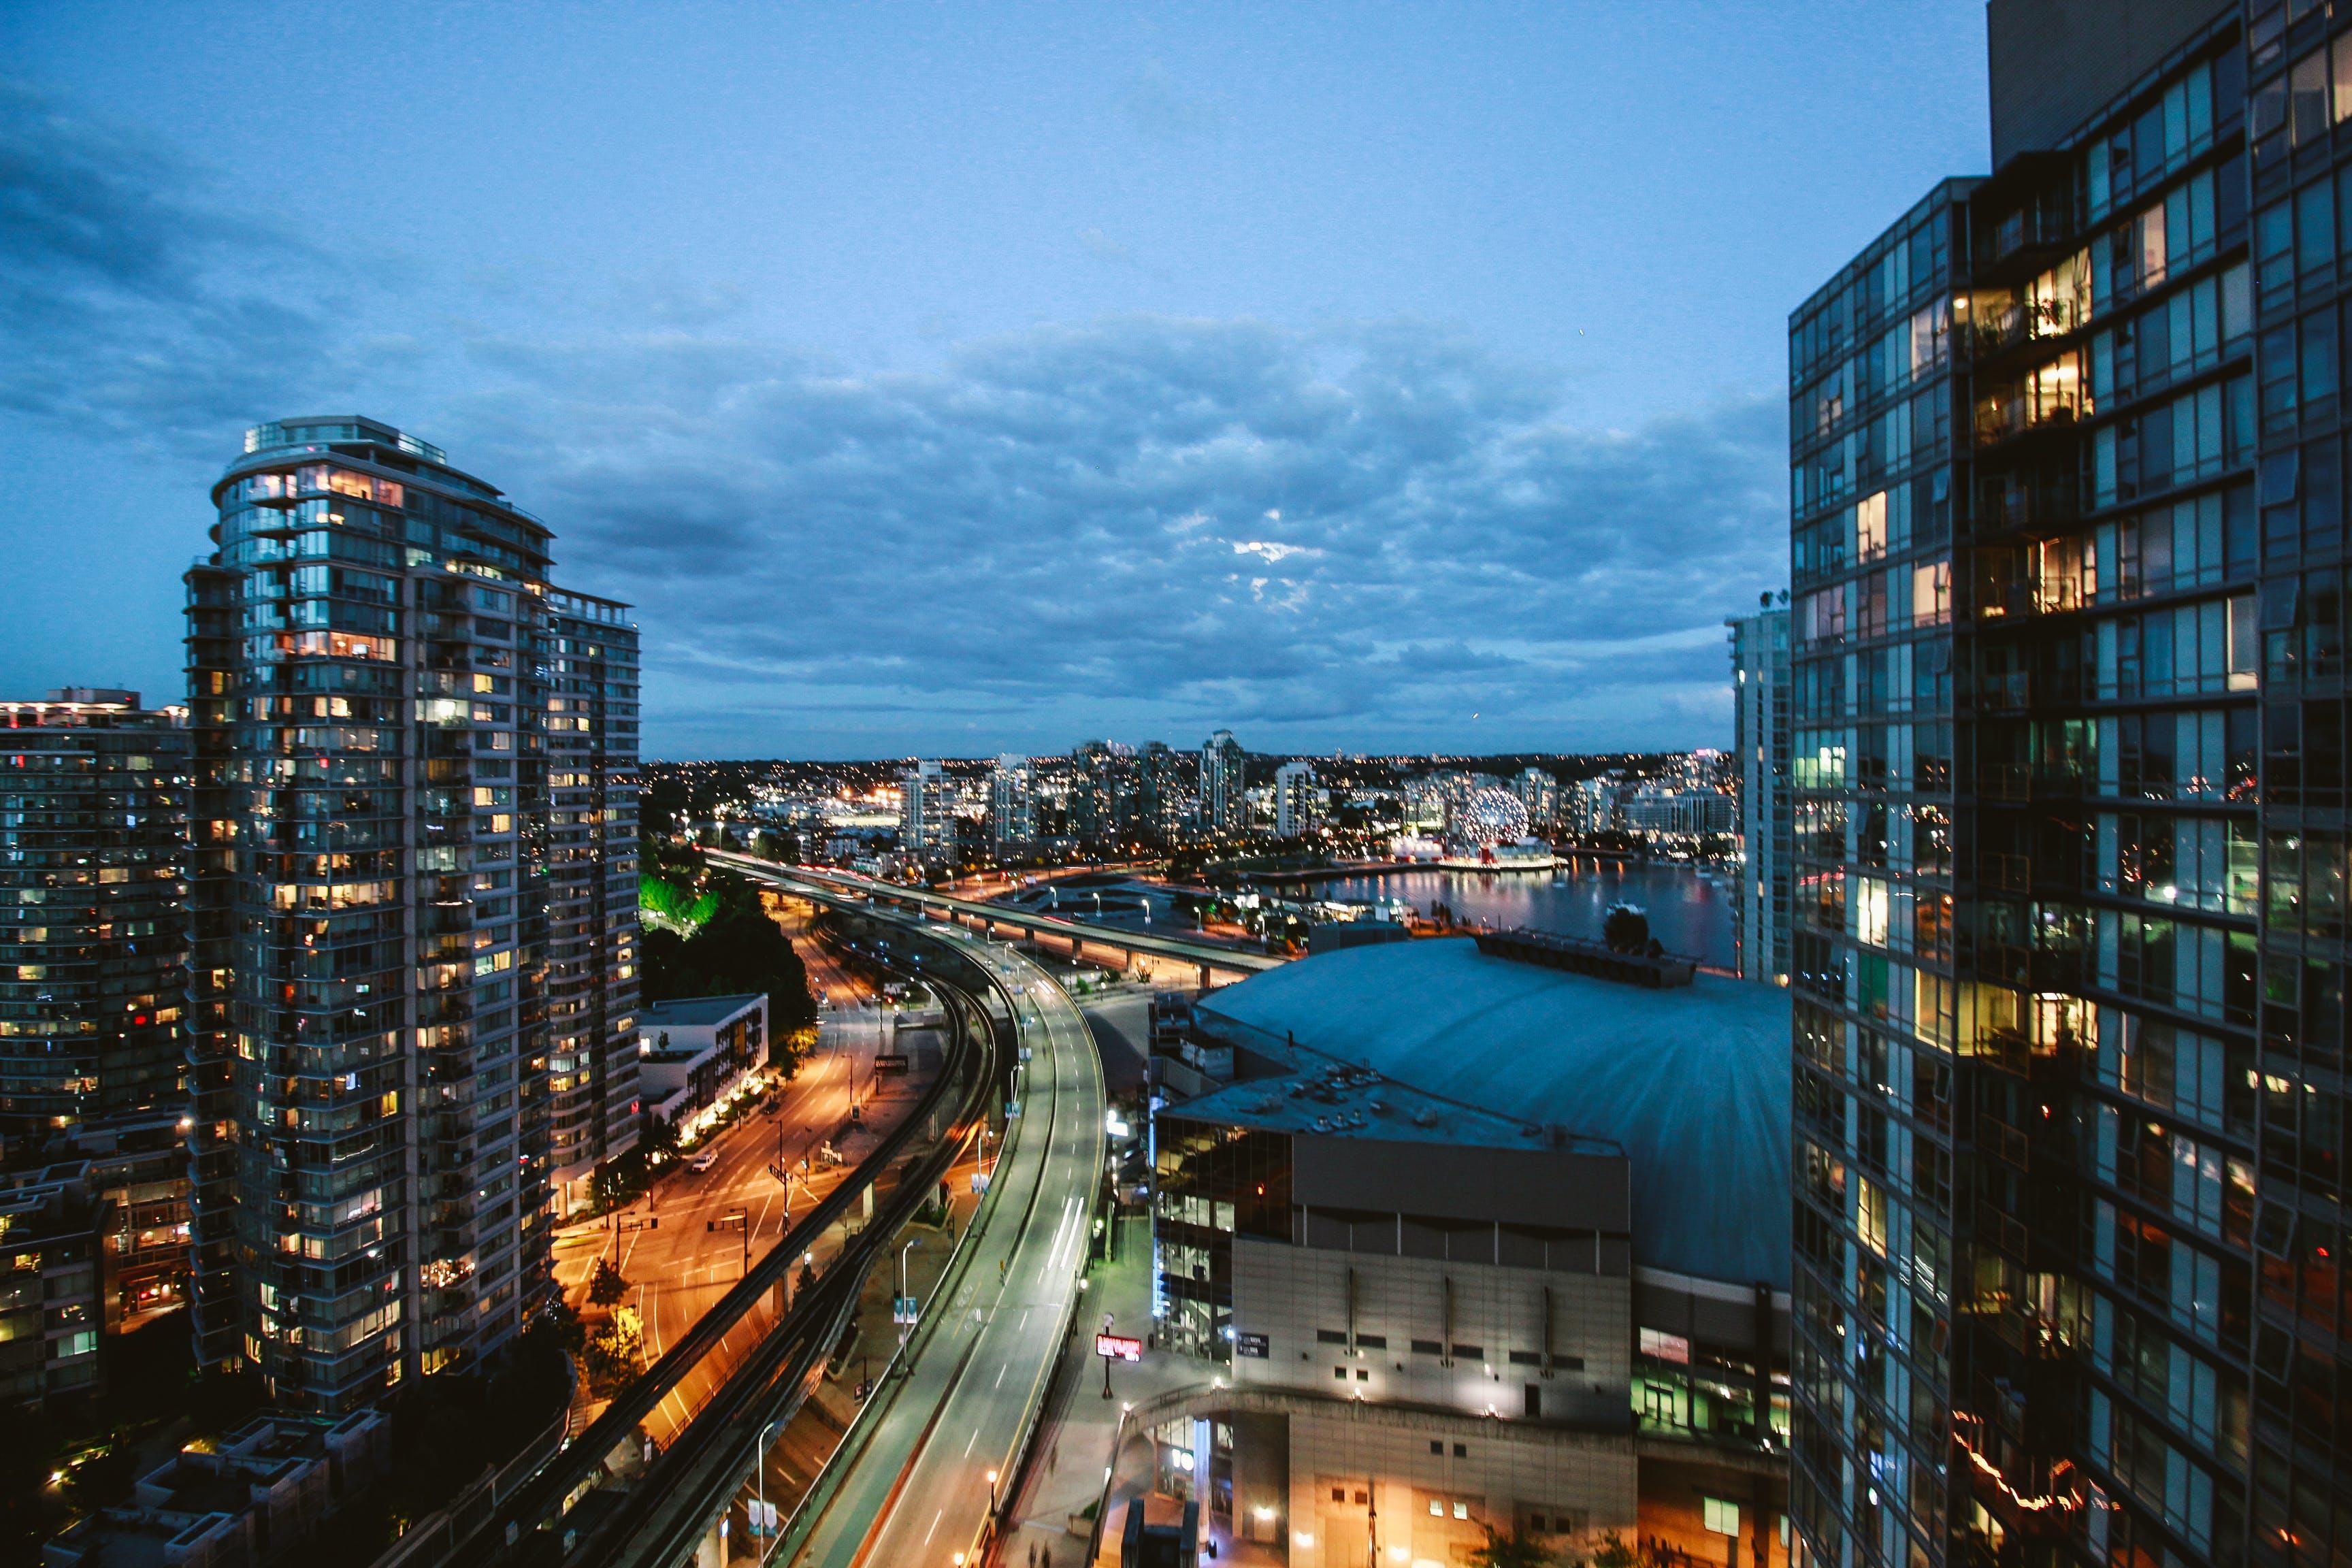 Δωρεάν στοκ φωτογραφιών με απόγευμα, αρχιτεκτονική, αστικός, αυτοκινητόδρομος